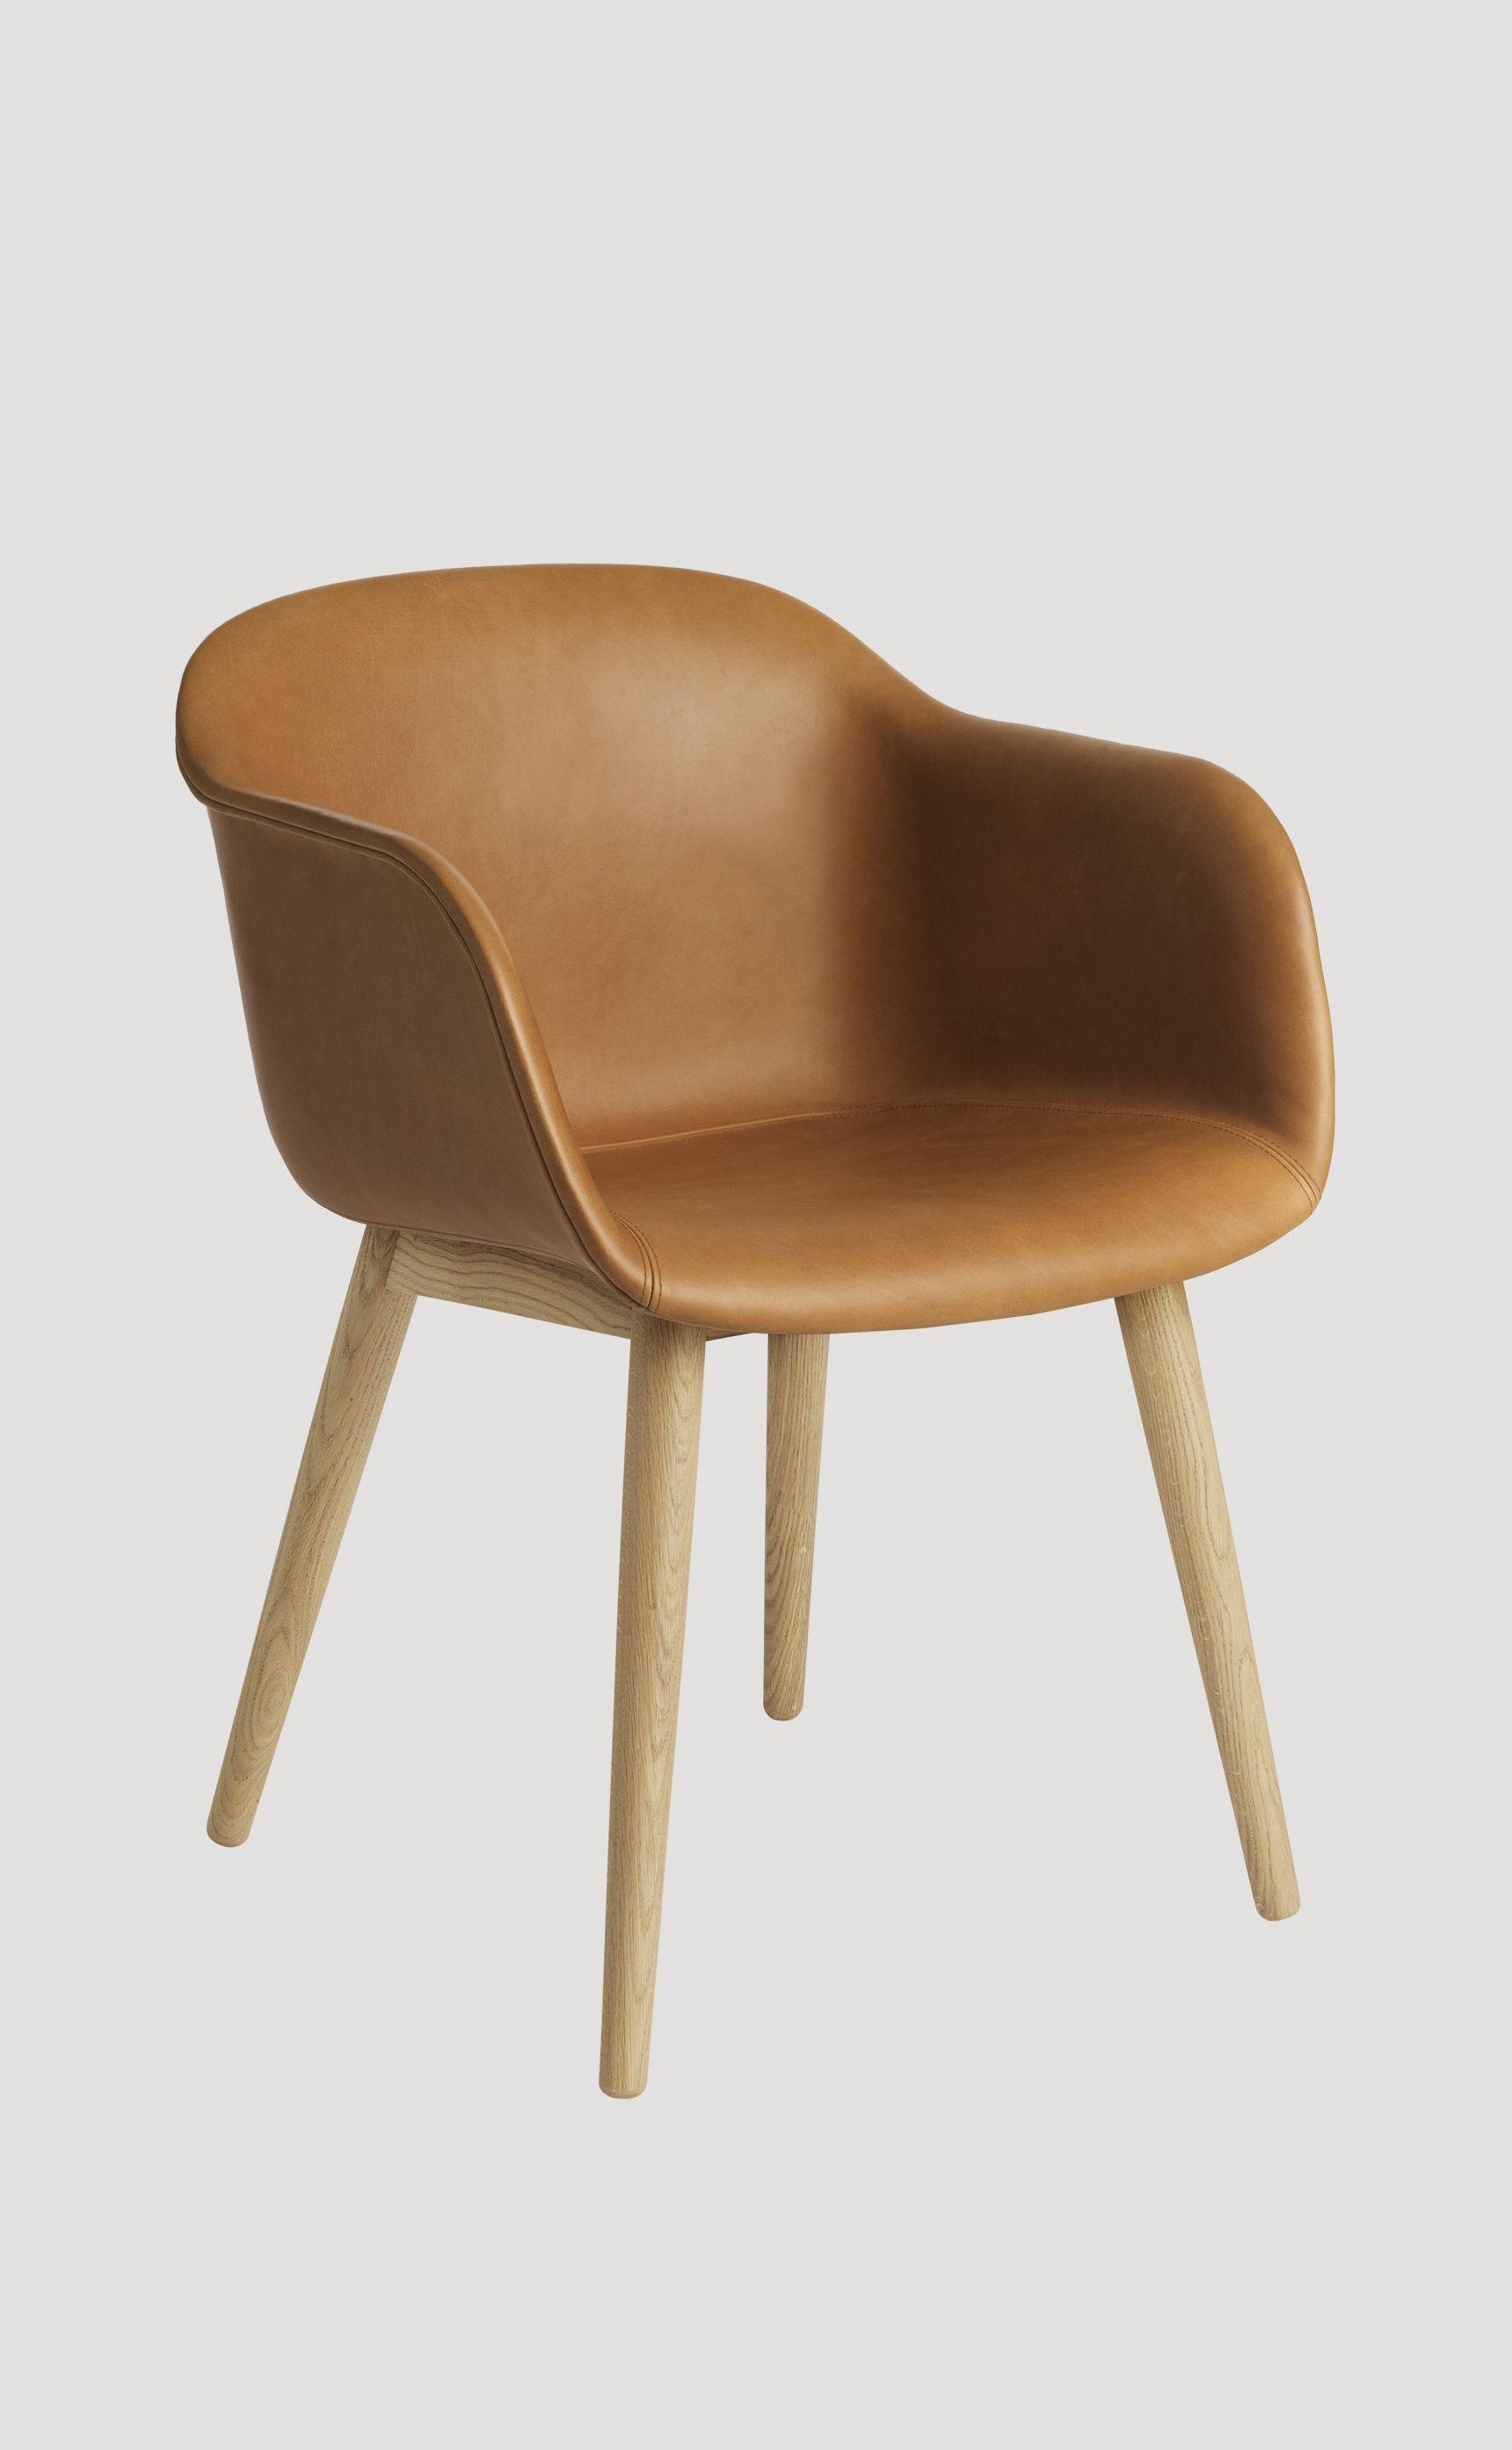 Fiber modern scandinavian design shell chair by muuto muuto european furniture modern wooden